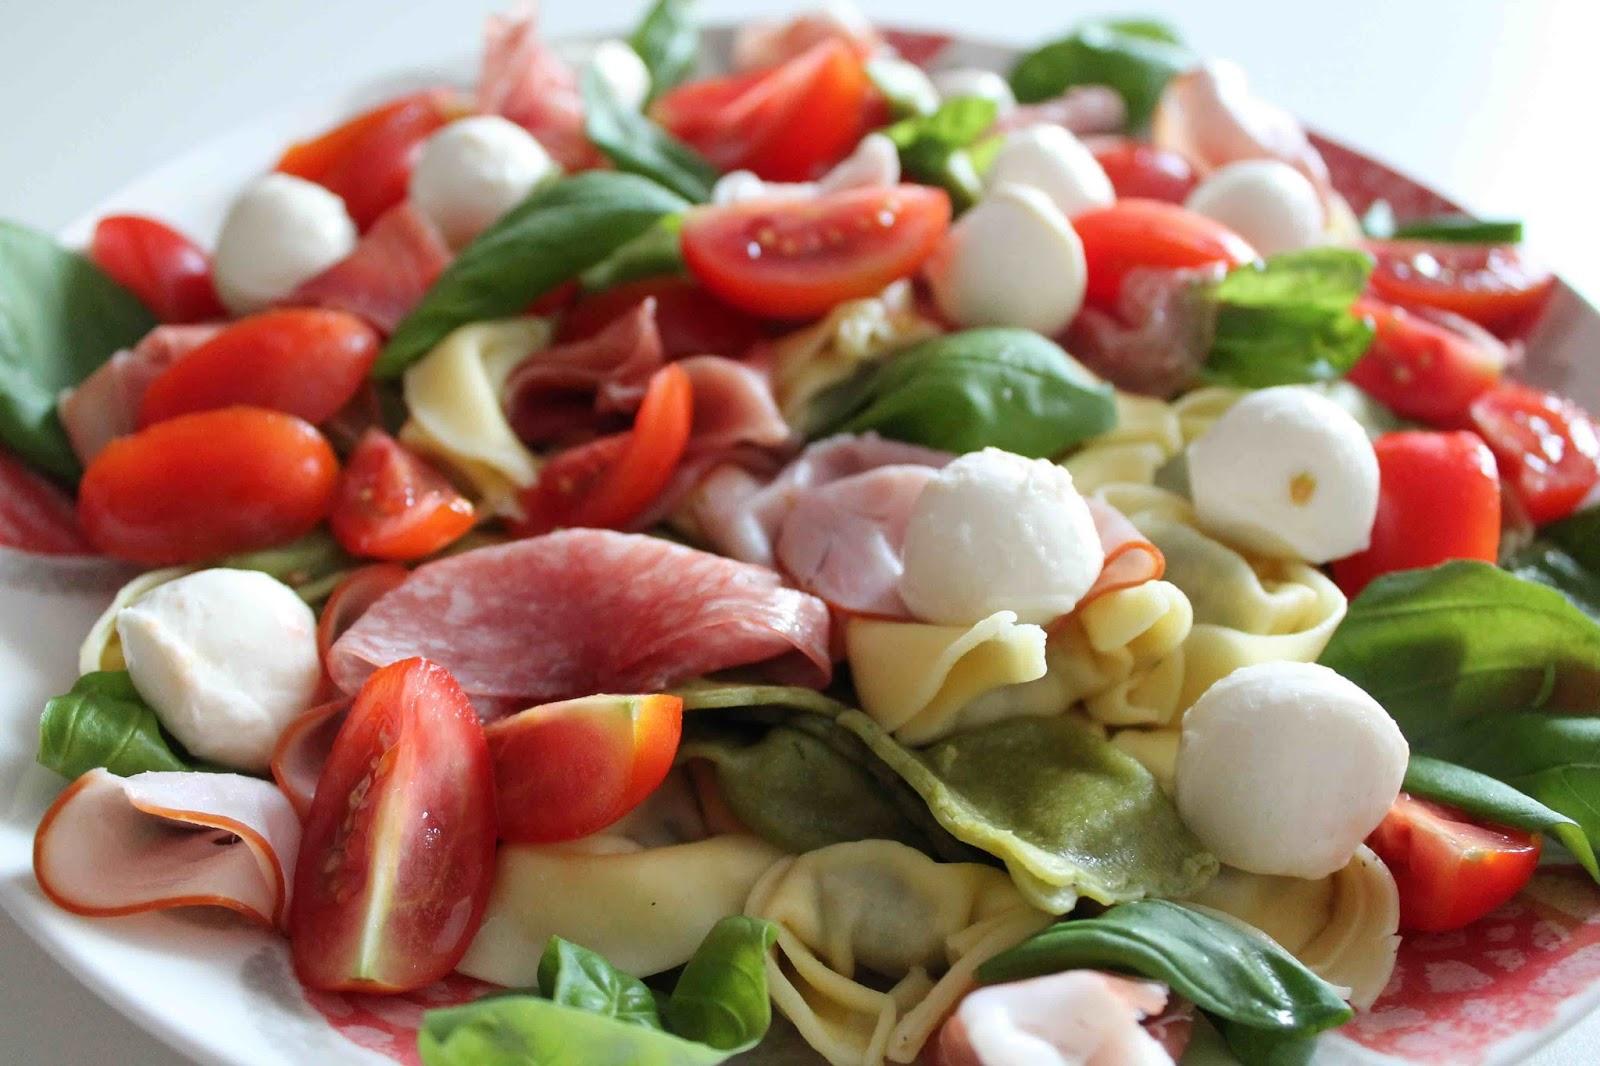 Färsk pasta med godsaker